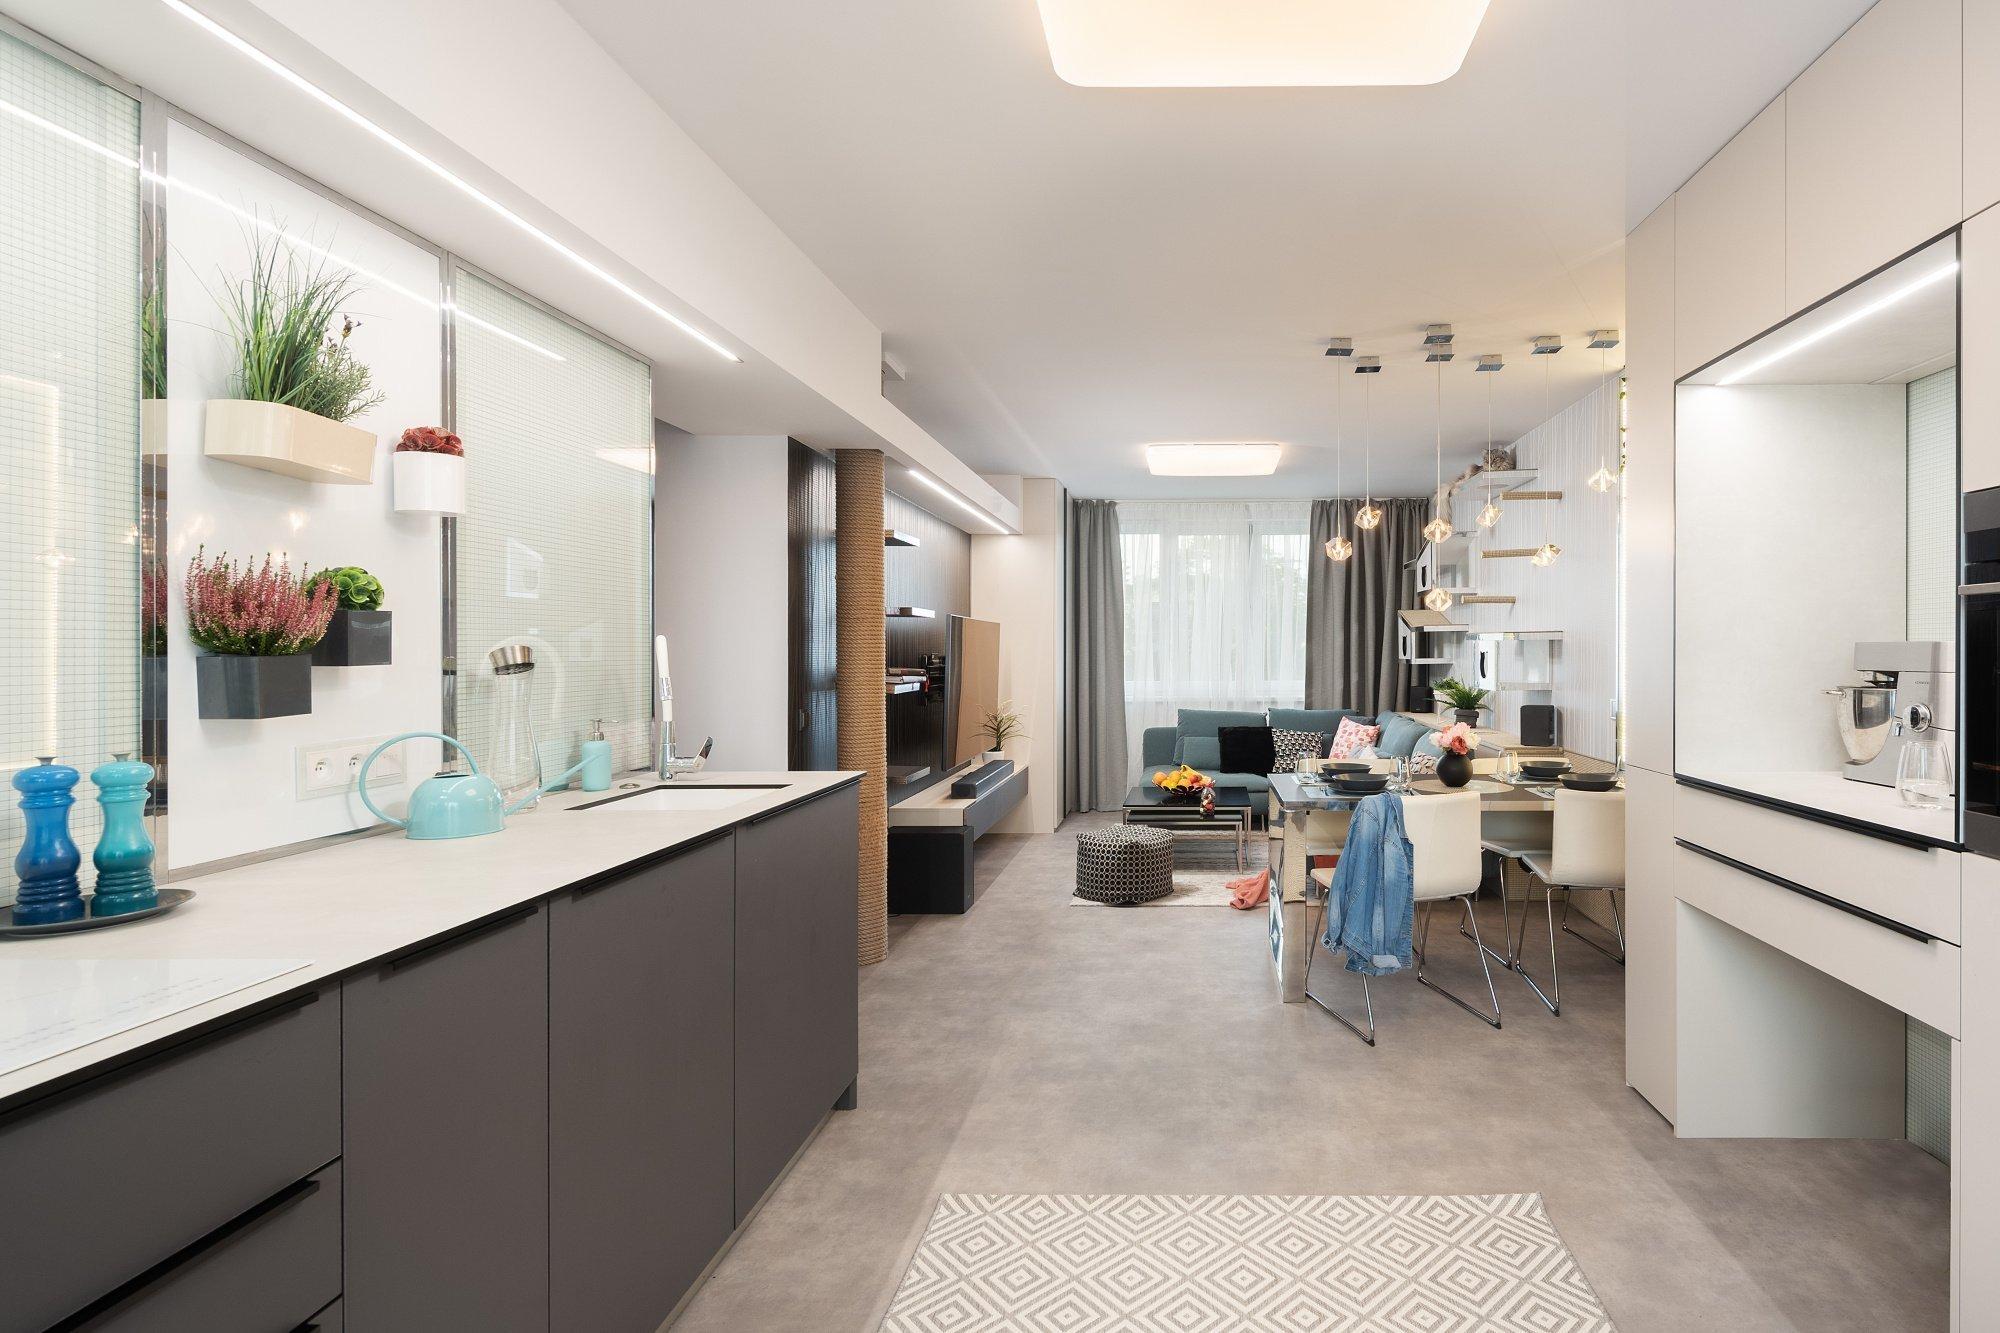 Změna dispozice na 3kk  Byt se nachází vbytovém domě postaveném vroce 1977. Výměra bytu včetně lodžie (3,5 m2) činí 72 m2. Kbytu…